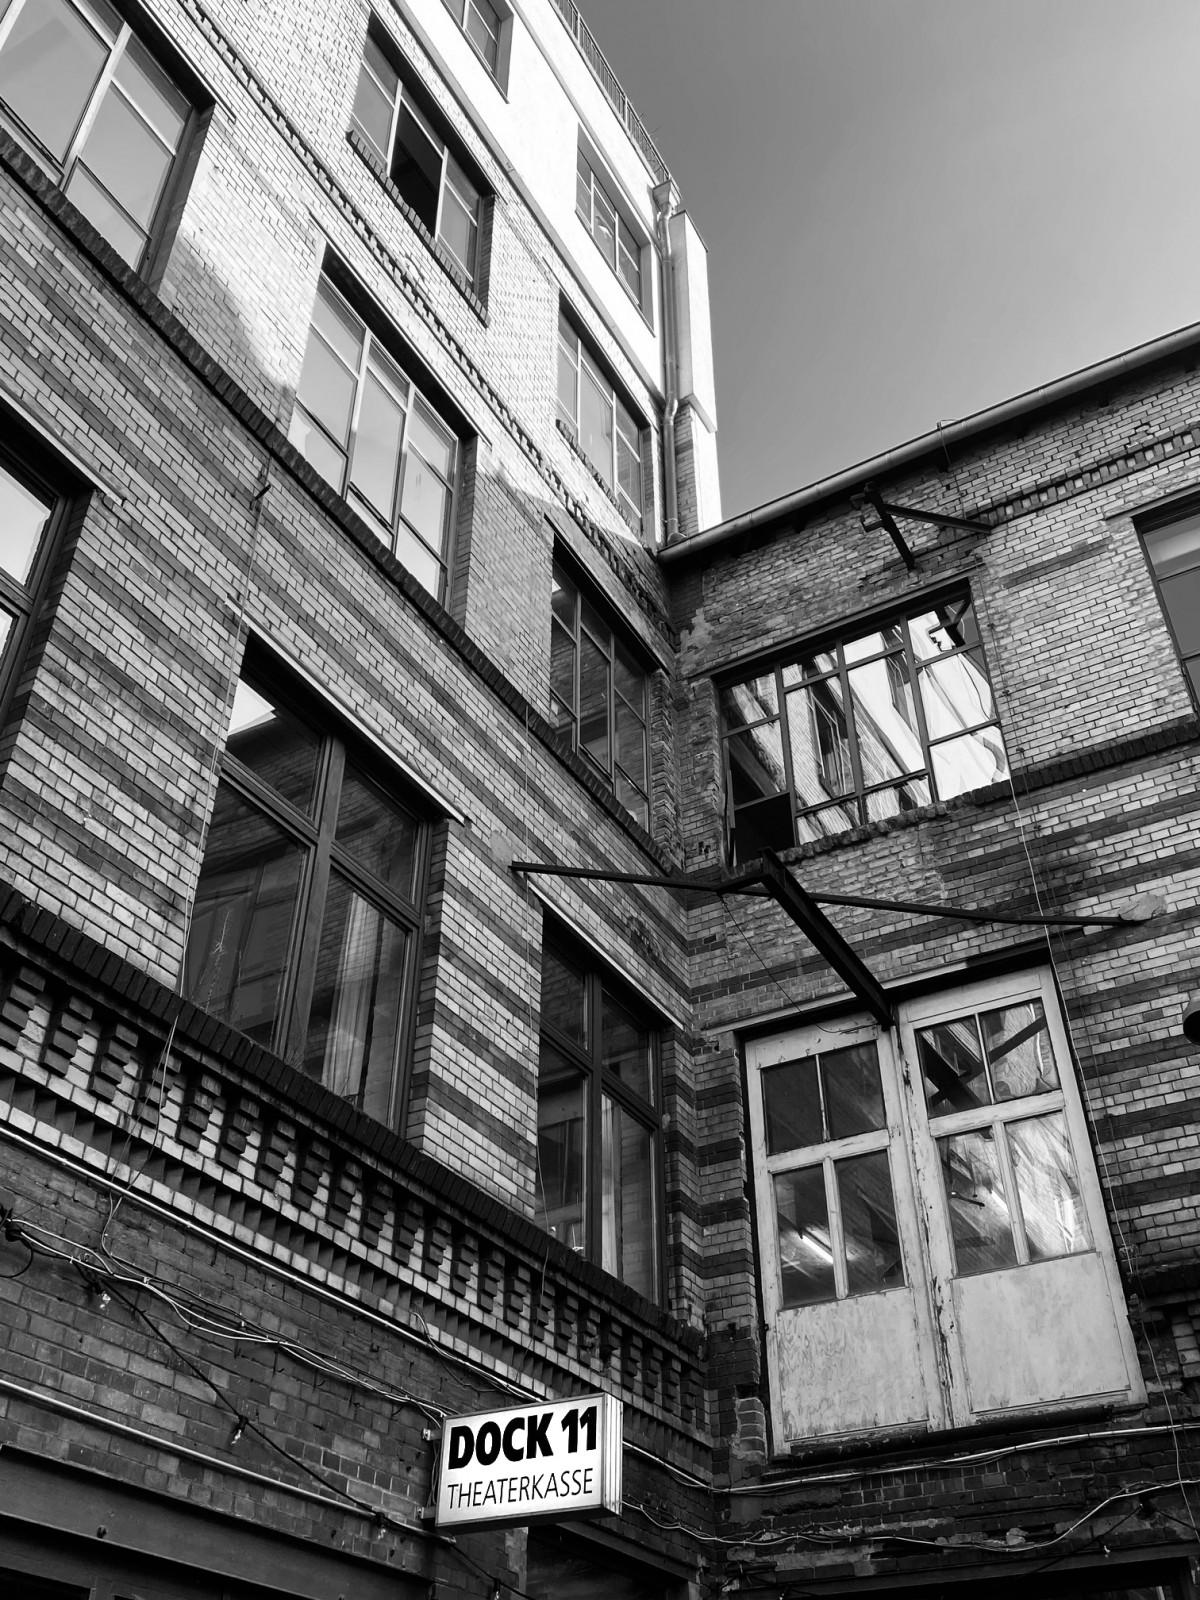 dock-11-ansicht-hof1-hf_-foto_-anna-falkenstein.5821